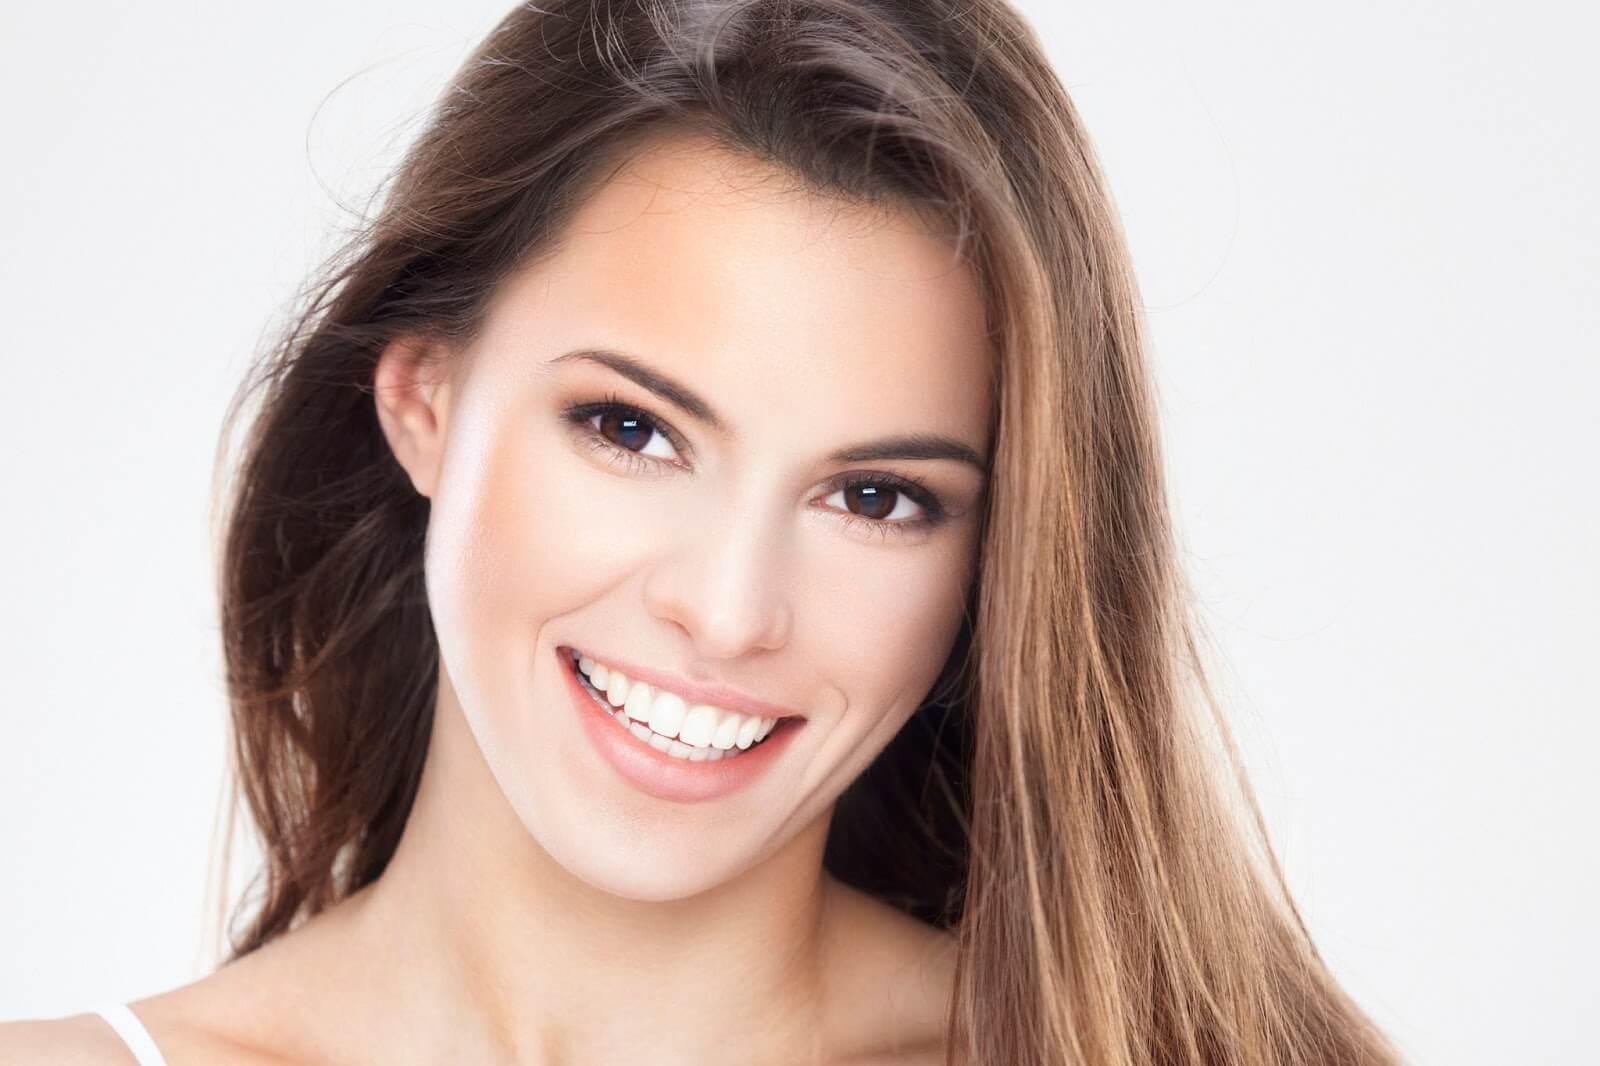 Visste du att det är möjligt att få vita tänder hemmifrån? Vi tipsar hur du behåller tänderna och rekommenderar om bästa metoden för att bleka dem